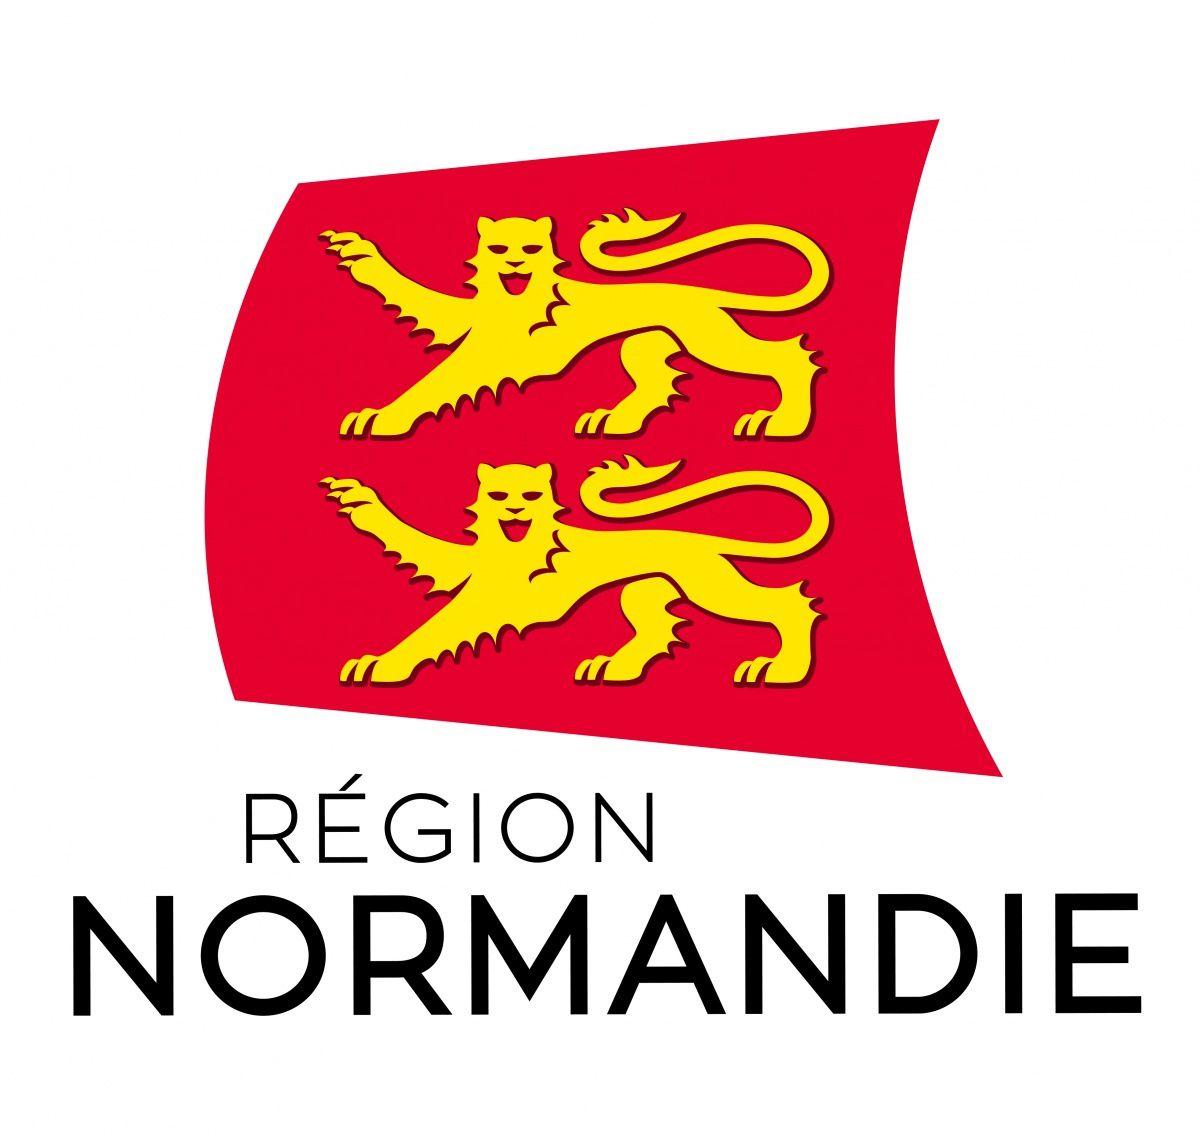 #Caenlamer - Discours d'Hervé Morin - Assemblée plénière de la Région Normandie !